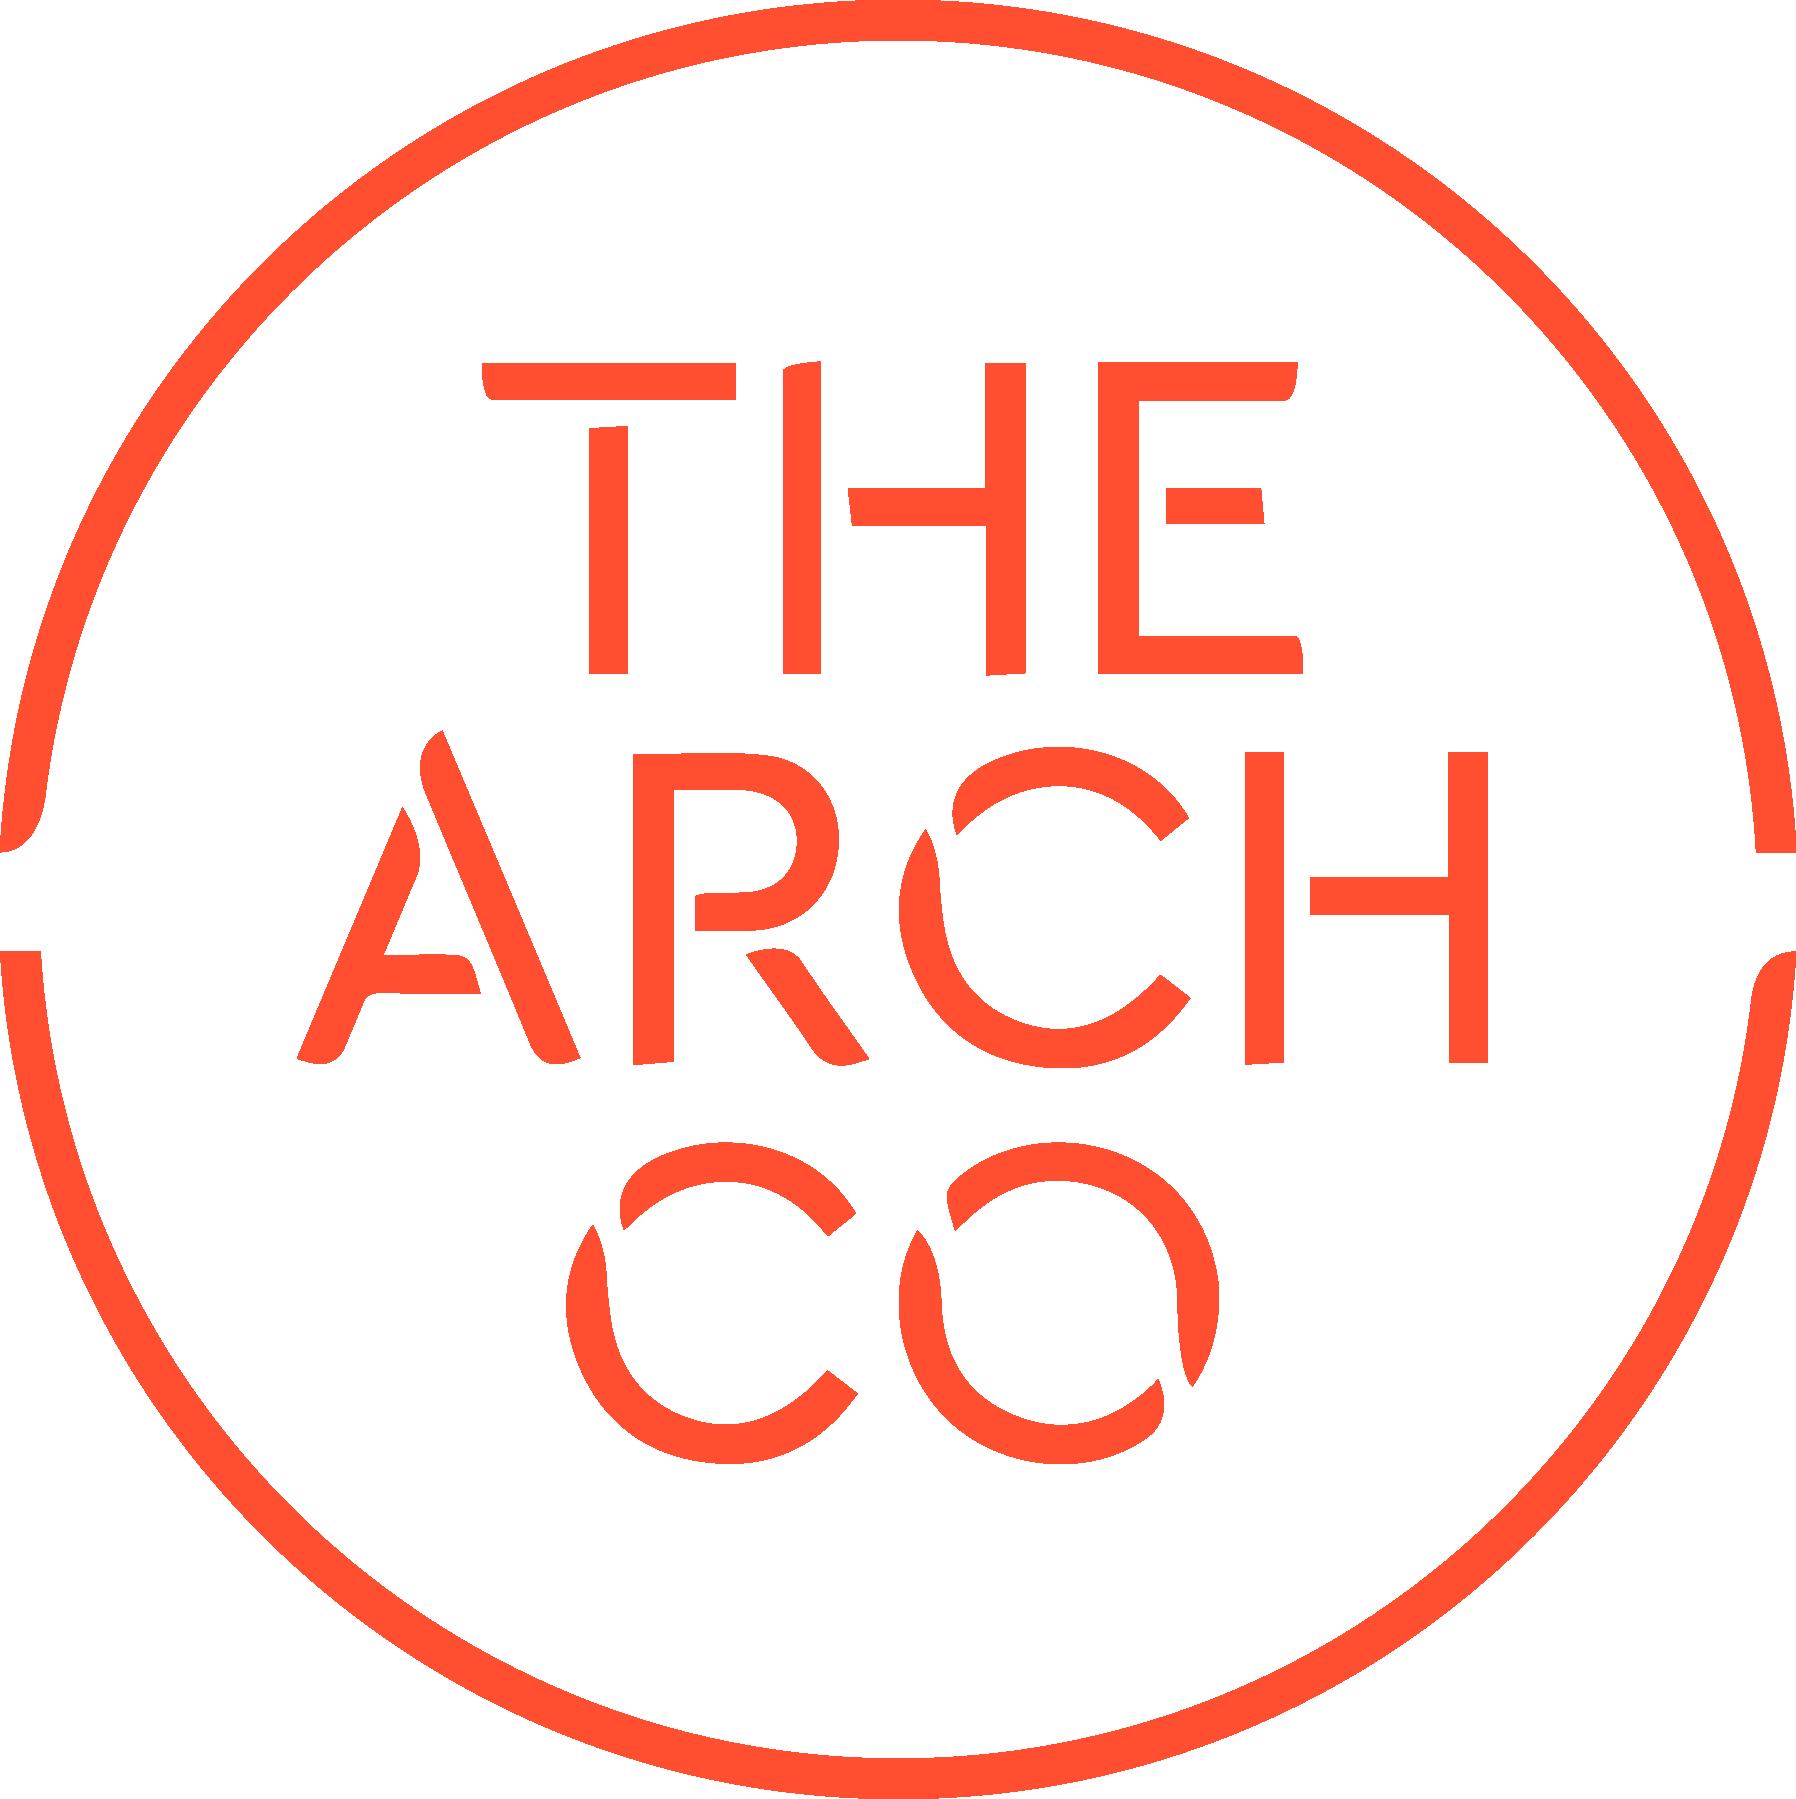 Arch_Co_Logo